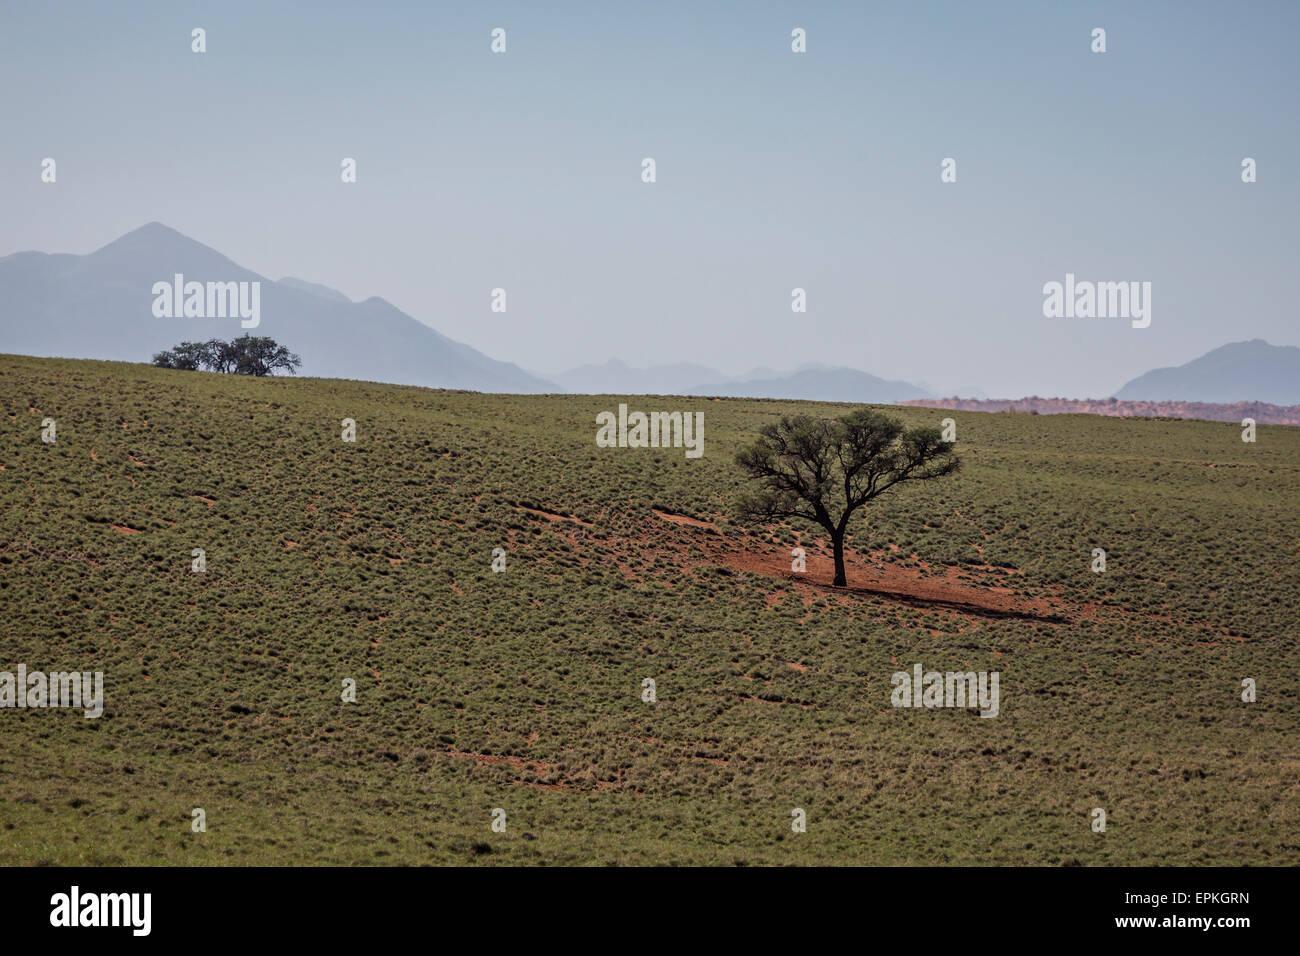 Trees, Okonjima, Namibia, Africa - Stock Image